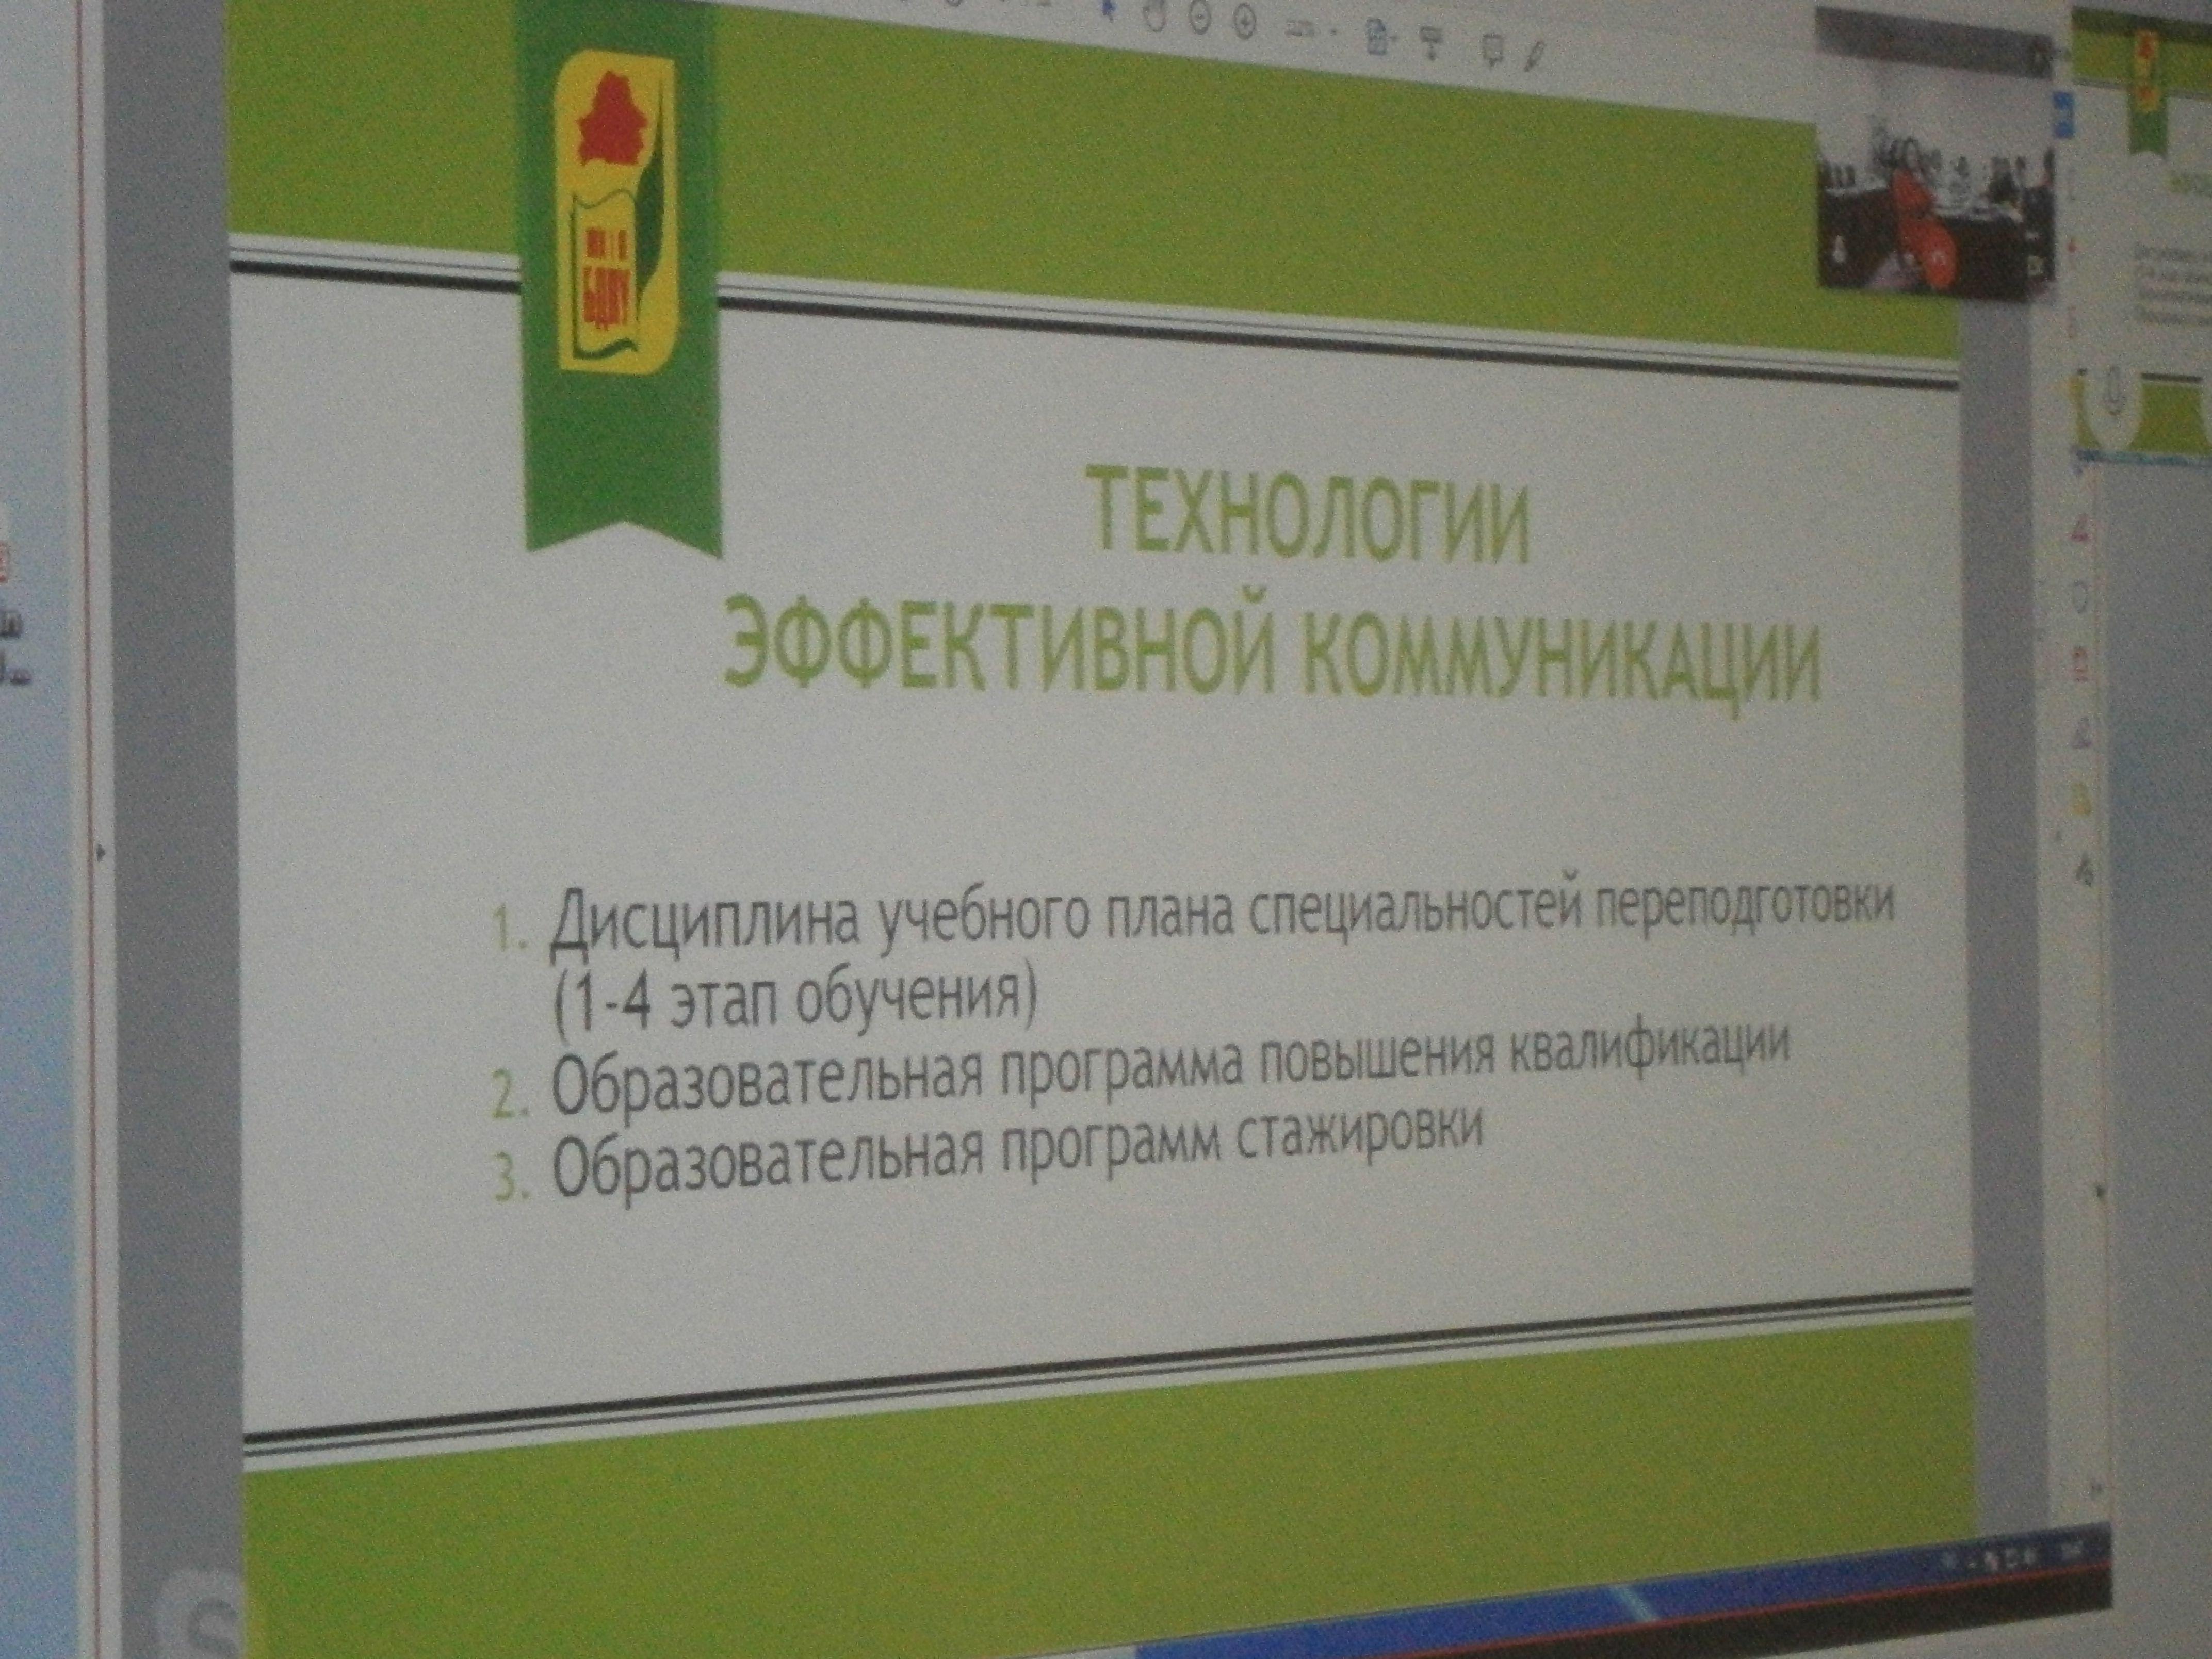 Вебінар «Технології ефективних комунікацій»